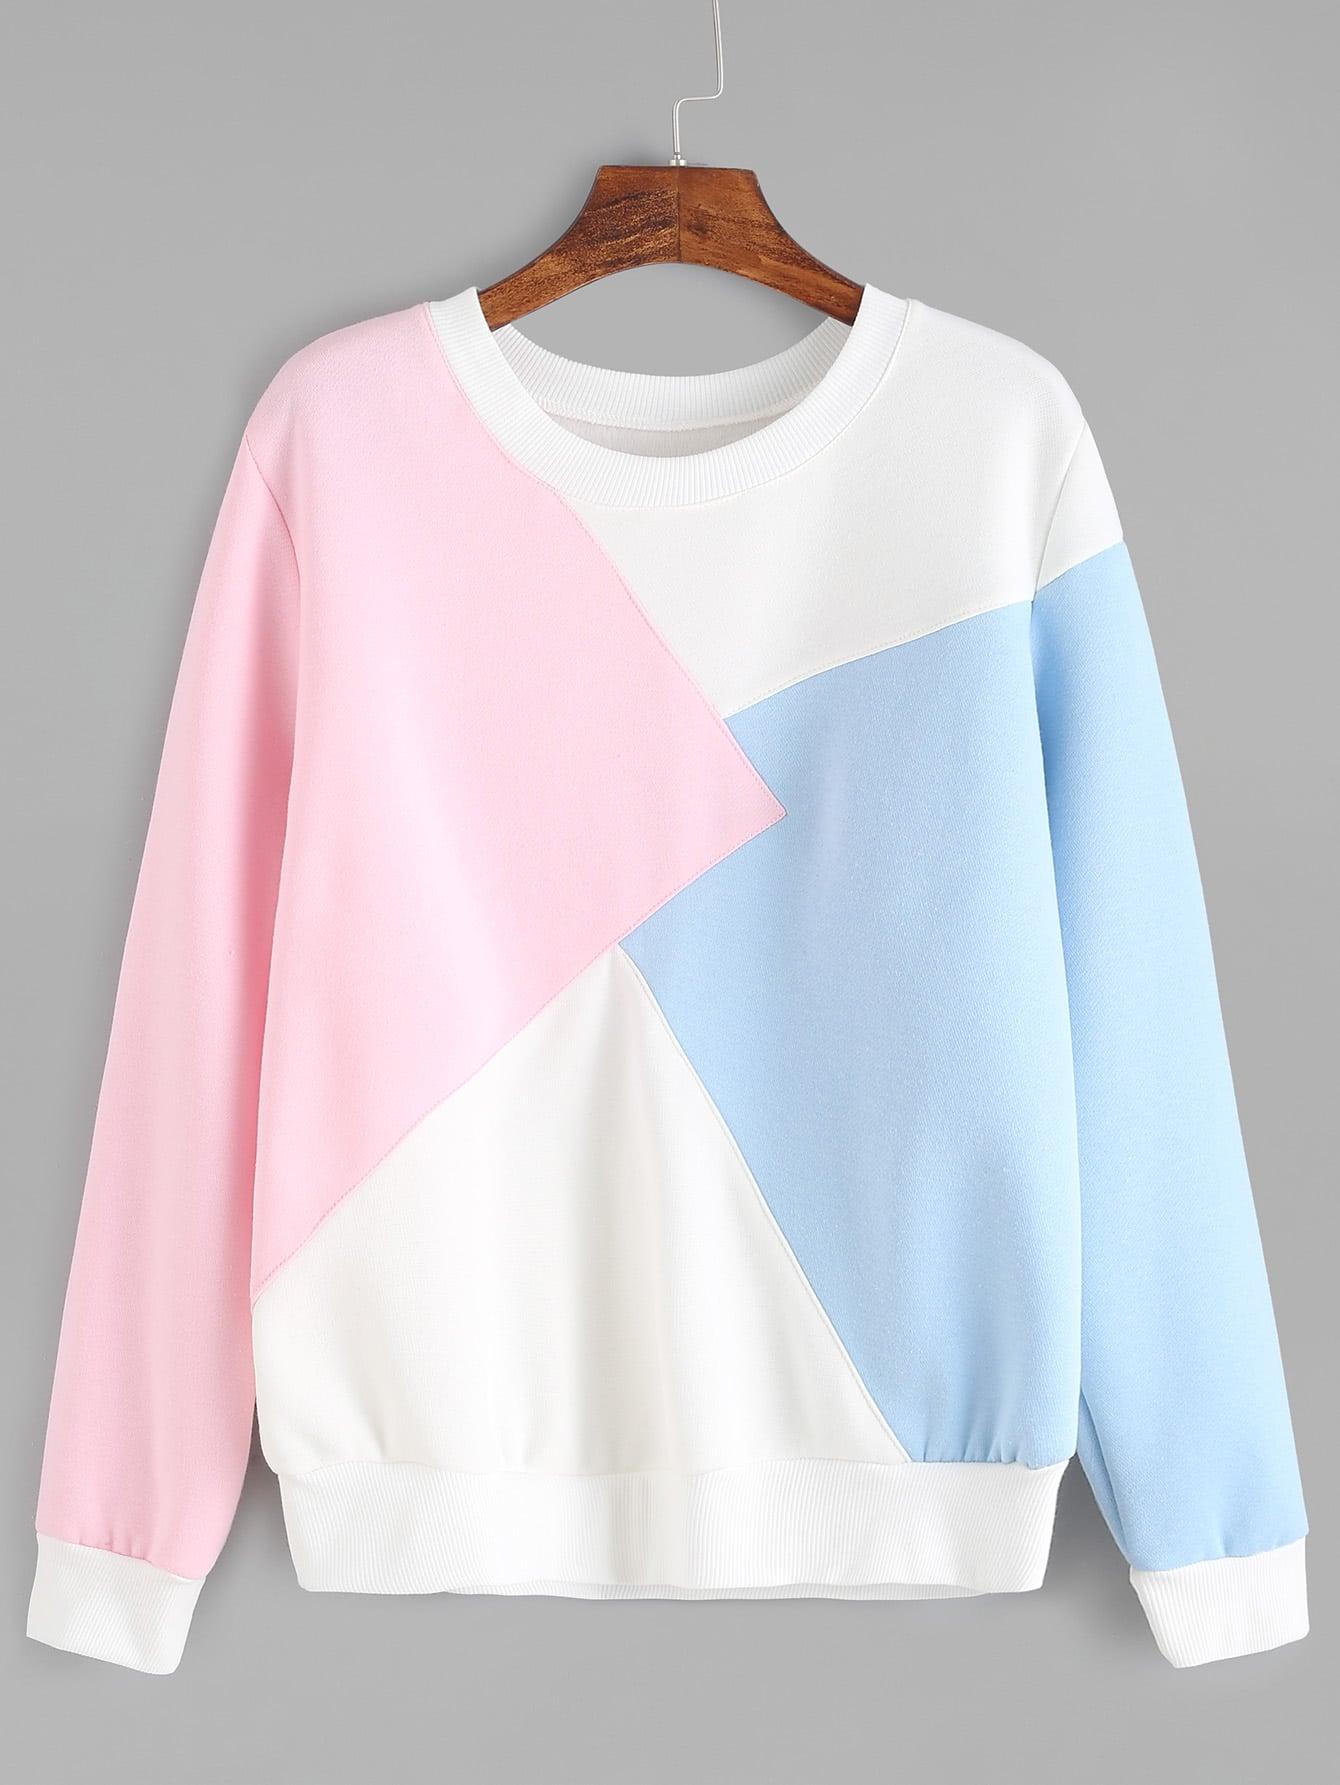 sweatshirt160923101_2